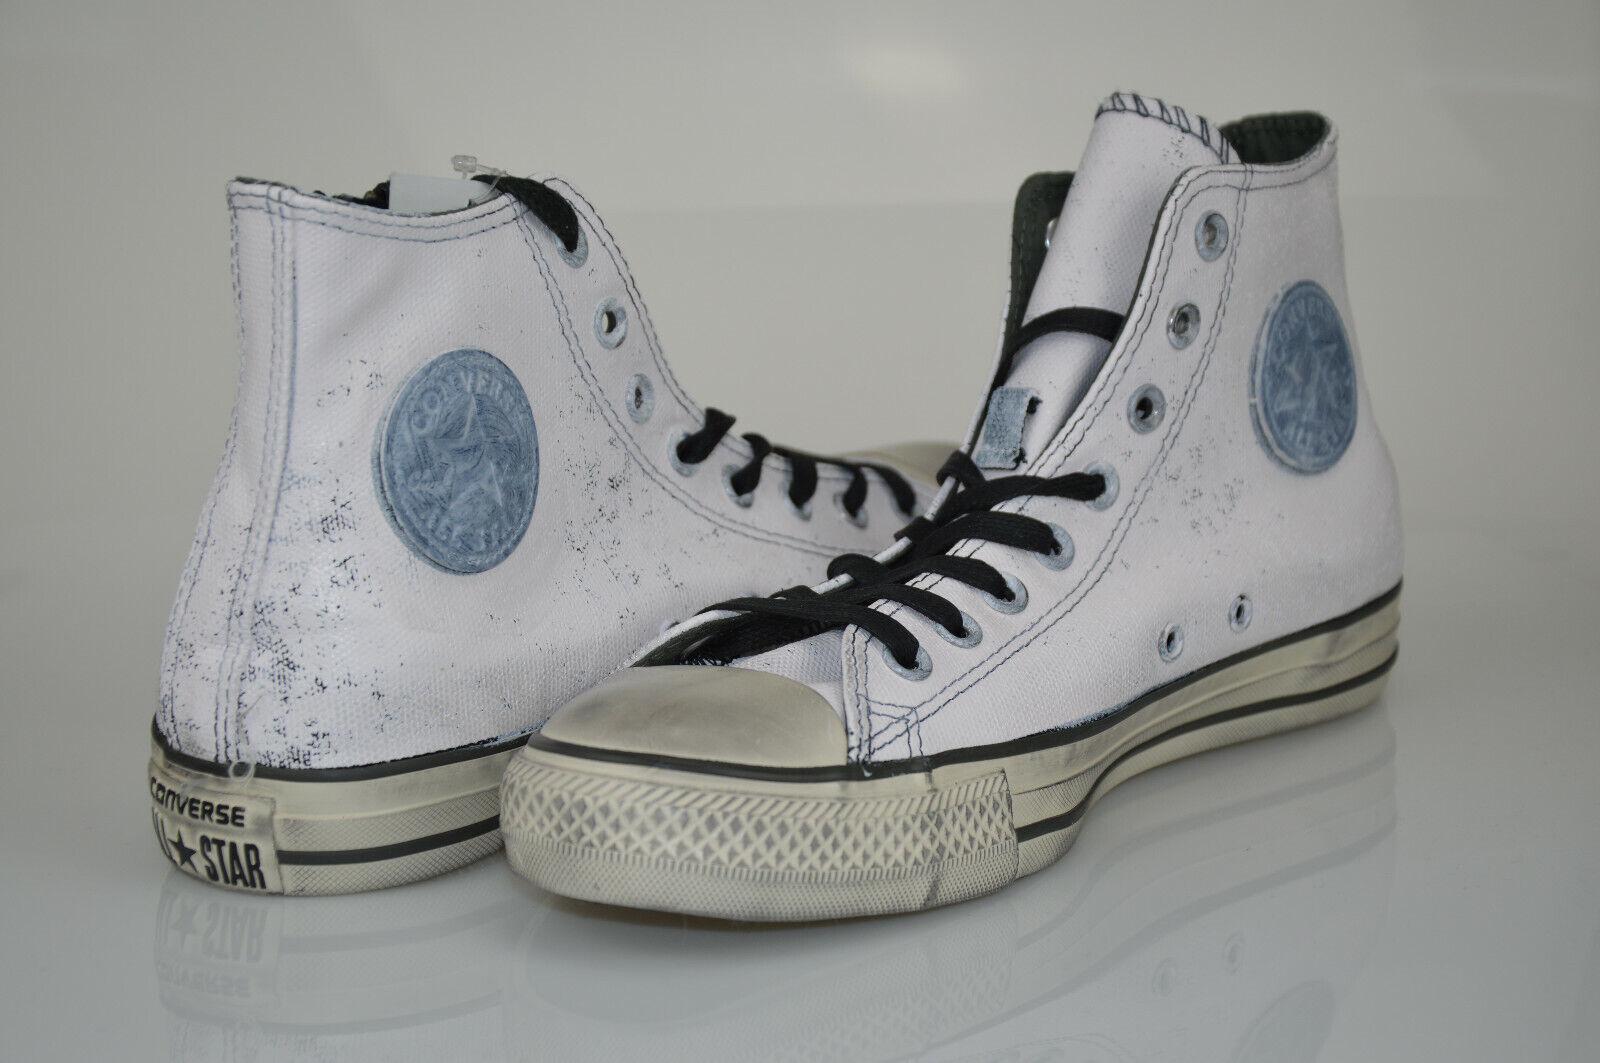 Converse X JOHN VARVATOS VARVATOS VARVATOS ALM side zip H scarpe da ginnastica nero Beluga tu unisex 153884c c63e7a